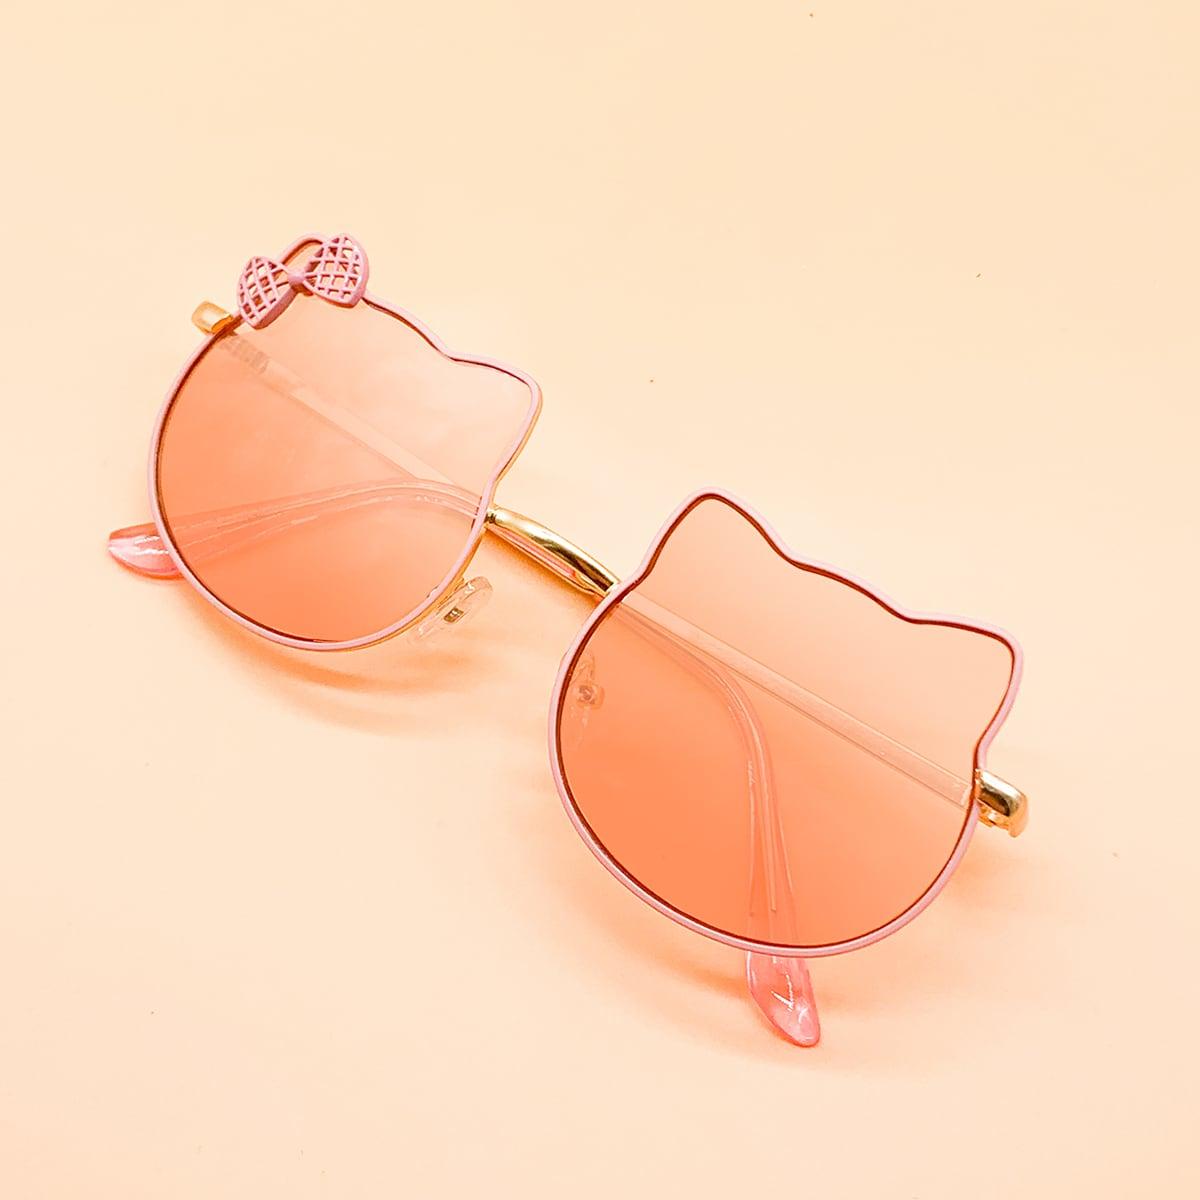 Детские солнечные очки с бантом фото